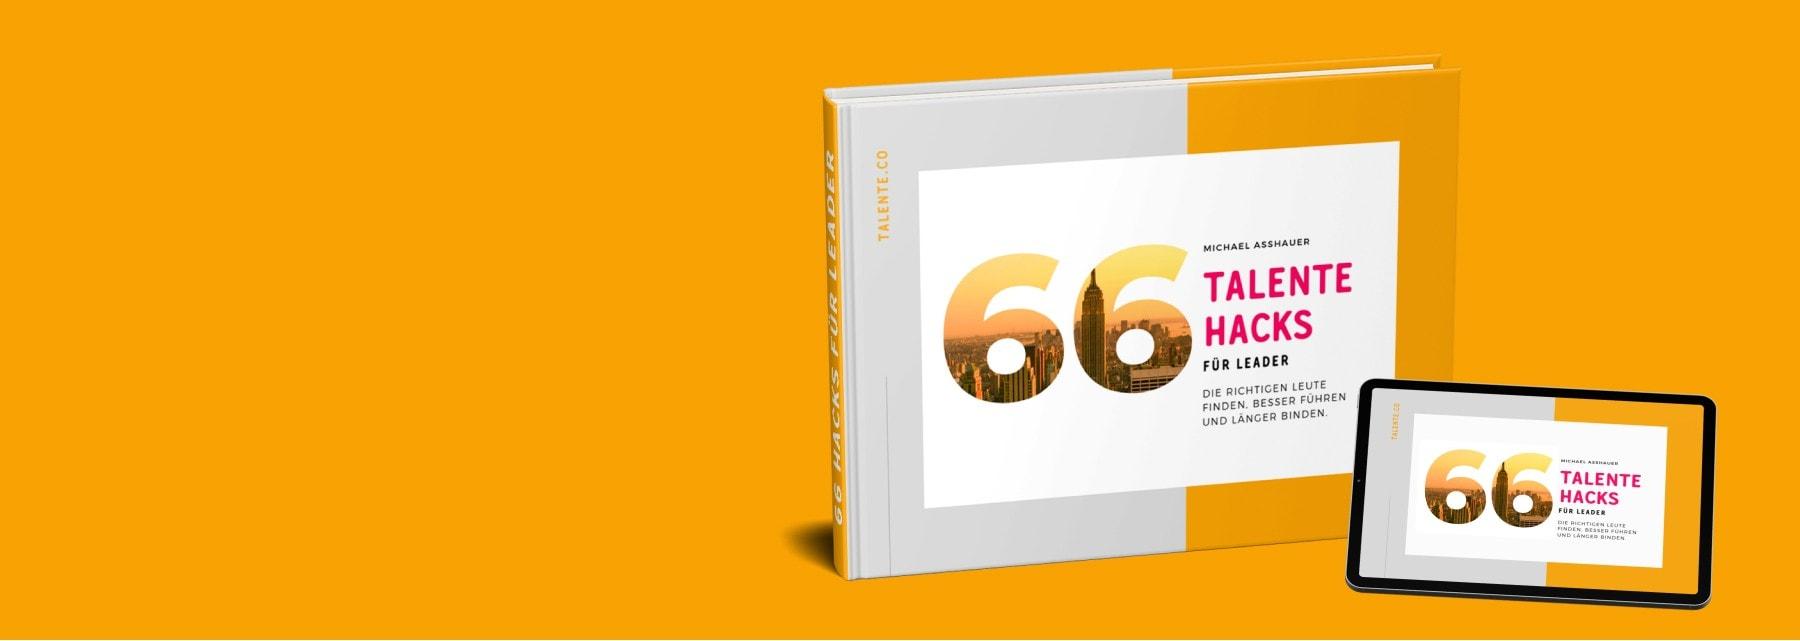 Talente Buch Ebook Michael Asshauer 66 Hacks für Leader